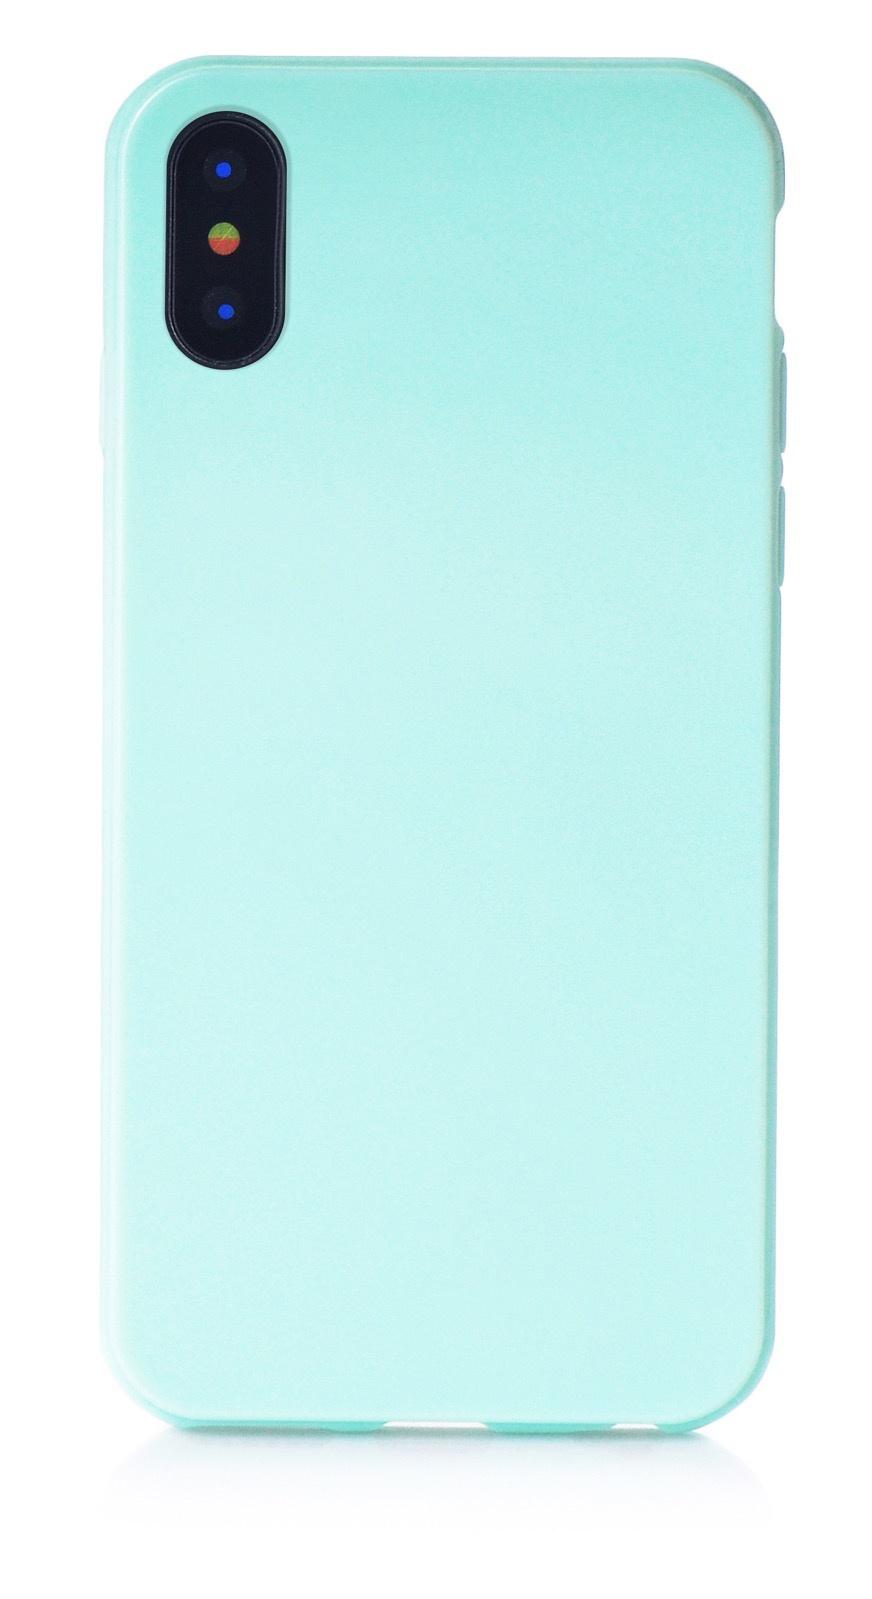 """Чехол для сотового телефона iNeez накладка силикон мыльница 905039 для Apple Iphone X/XS 5.8"""", светло-зеленый"""